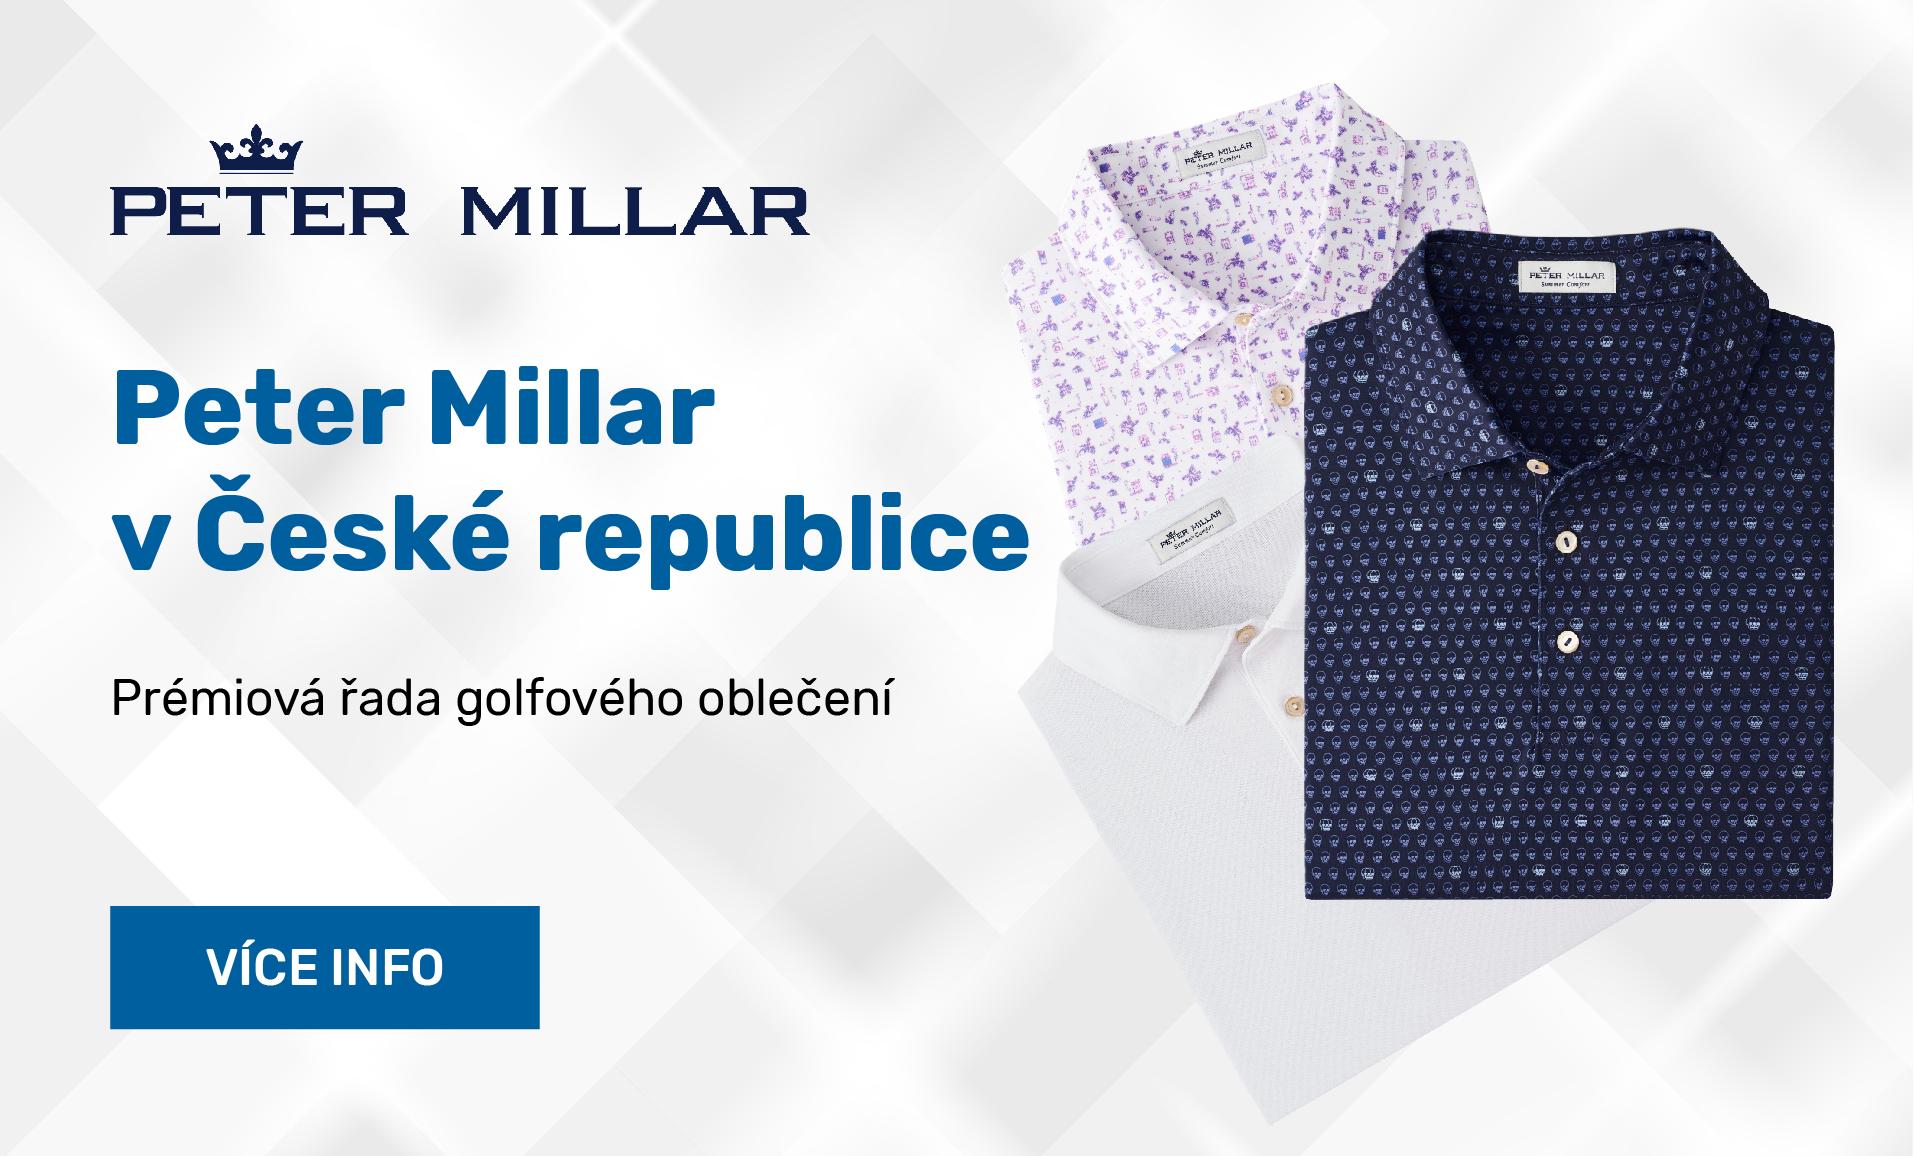 Golfové oblečení Peter Millar pro muže